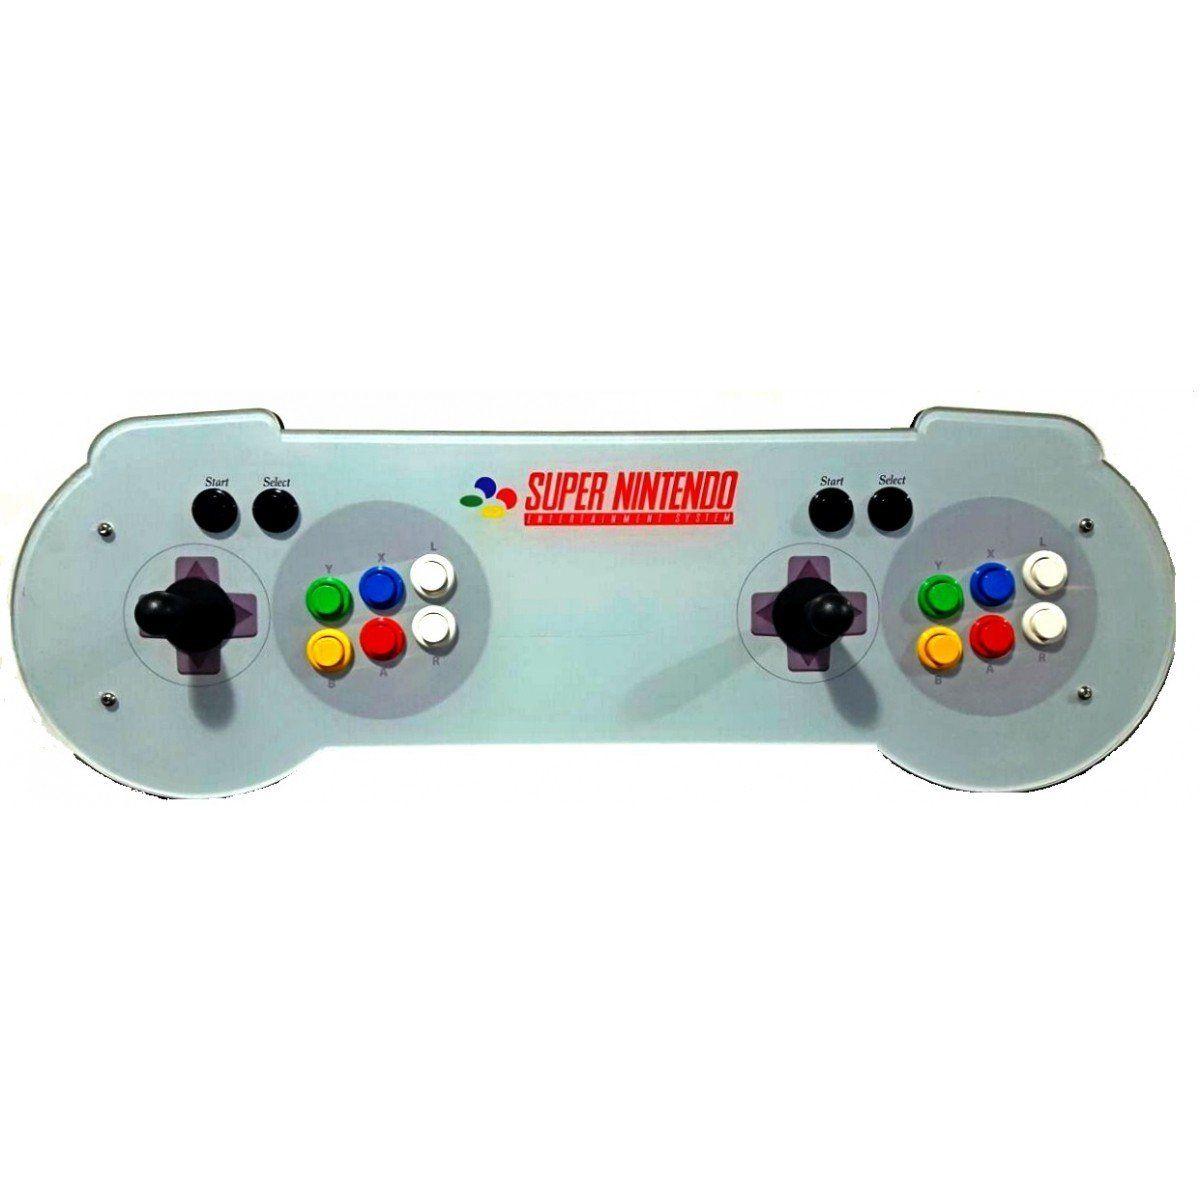 Arcade Fliperama Portatil com 14 mil Jogos desenho Controle do Super Nintendo